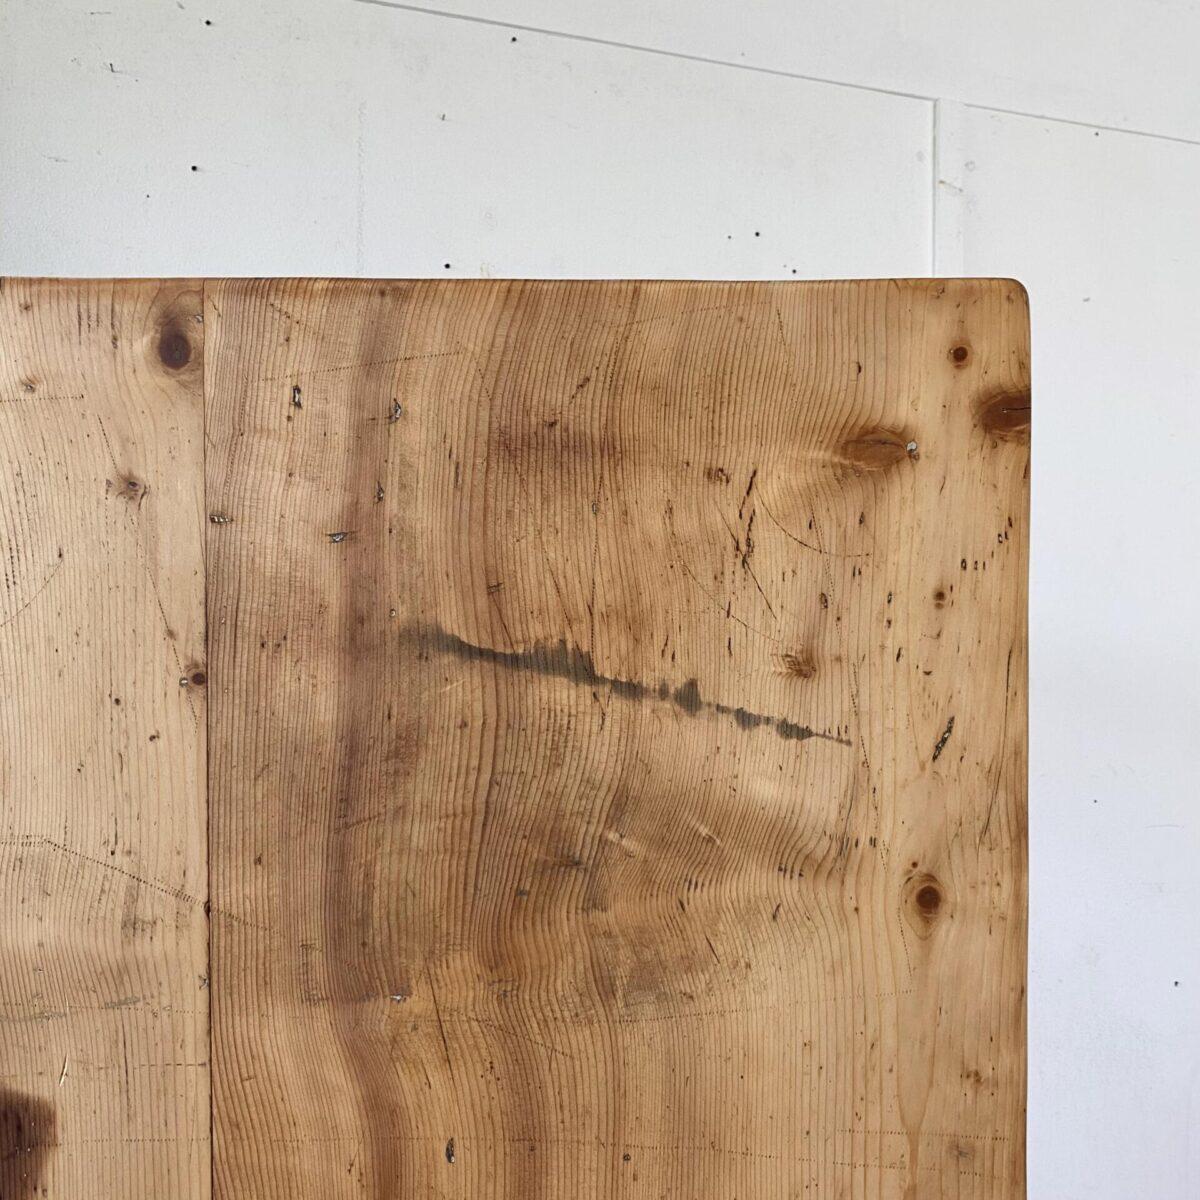 Deuxieme.shop biedermeiertisch alter Holztisch. Tannenholztisch mit gedrechselten Rundbeinen. 150x67cm Höhe 76cm. Der Tisch ist in stabilem Zustand, Gebrauchsspuren und Alterspatina. Das Tischblatt besteht aus zwei breiten Vollholz Brettern inklusive Bügeleisen Abdrücke. Holzoberfläche mit Naturöl behandelt. Die Tischbeine sind aus Buchenholz. Es finden 6 Personen daran Platz.